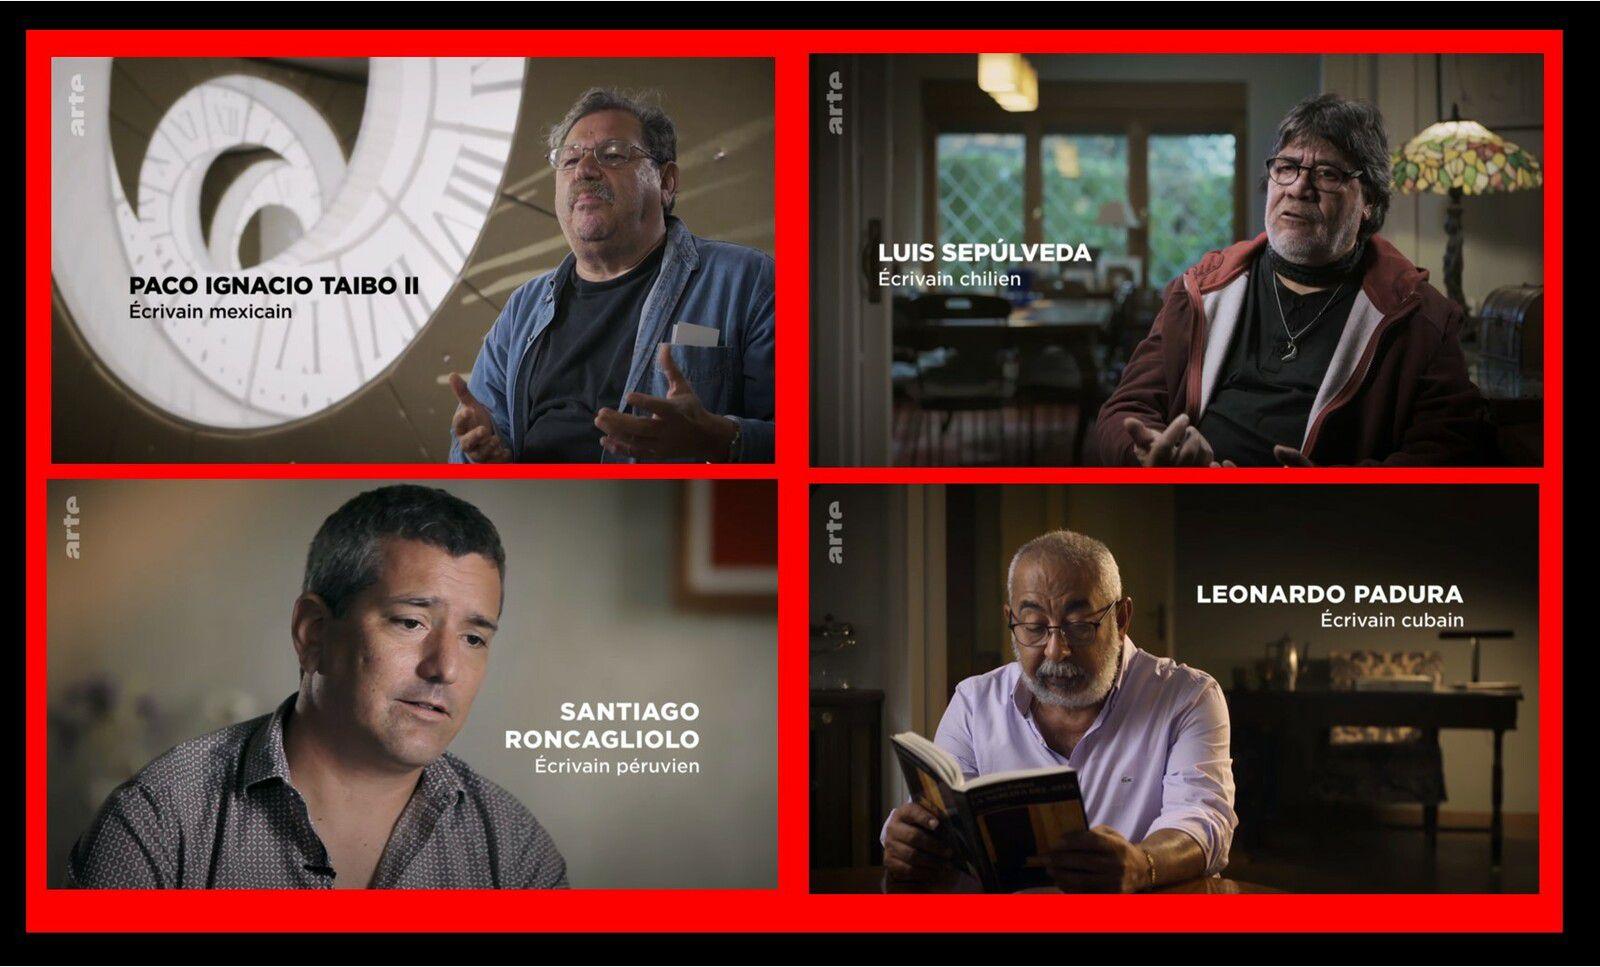 Le polar latino : docu diffusé par Arte